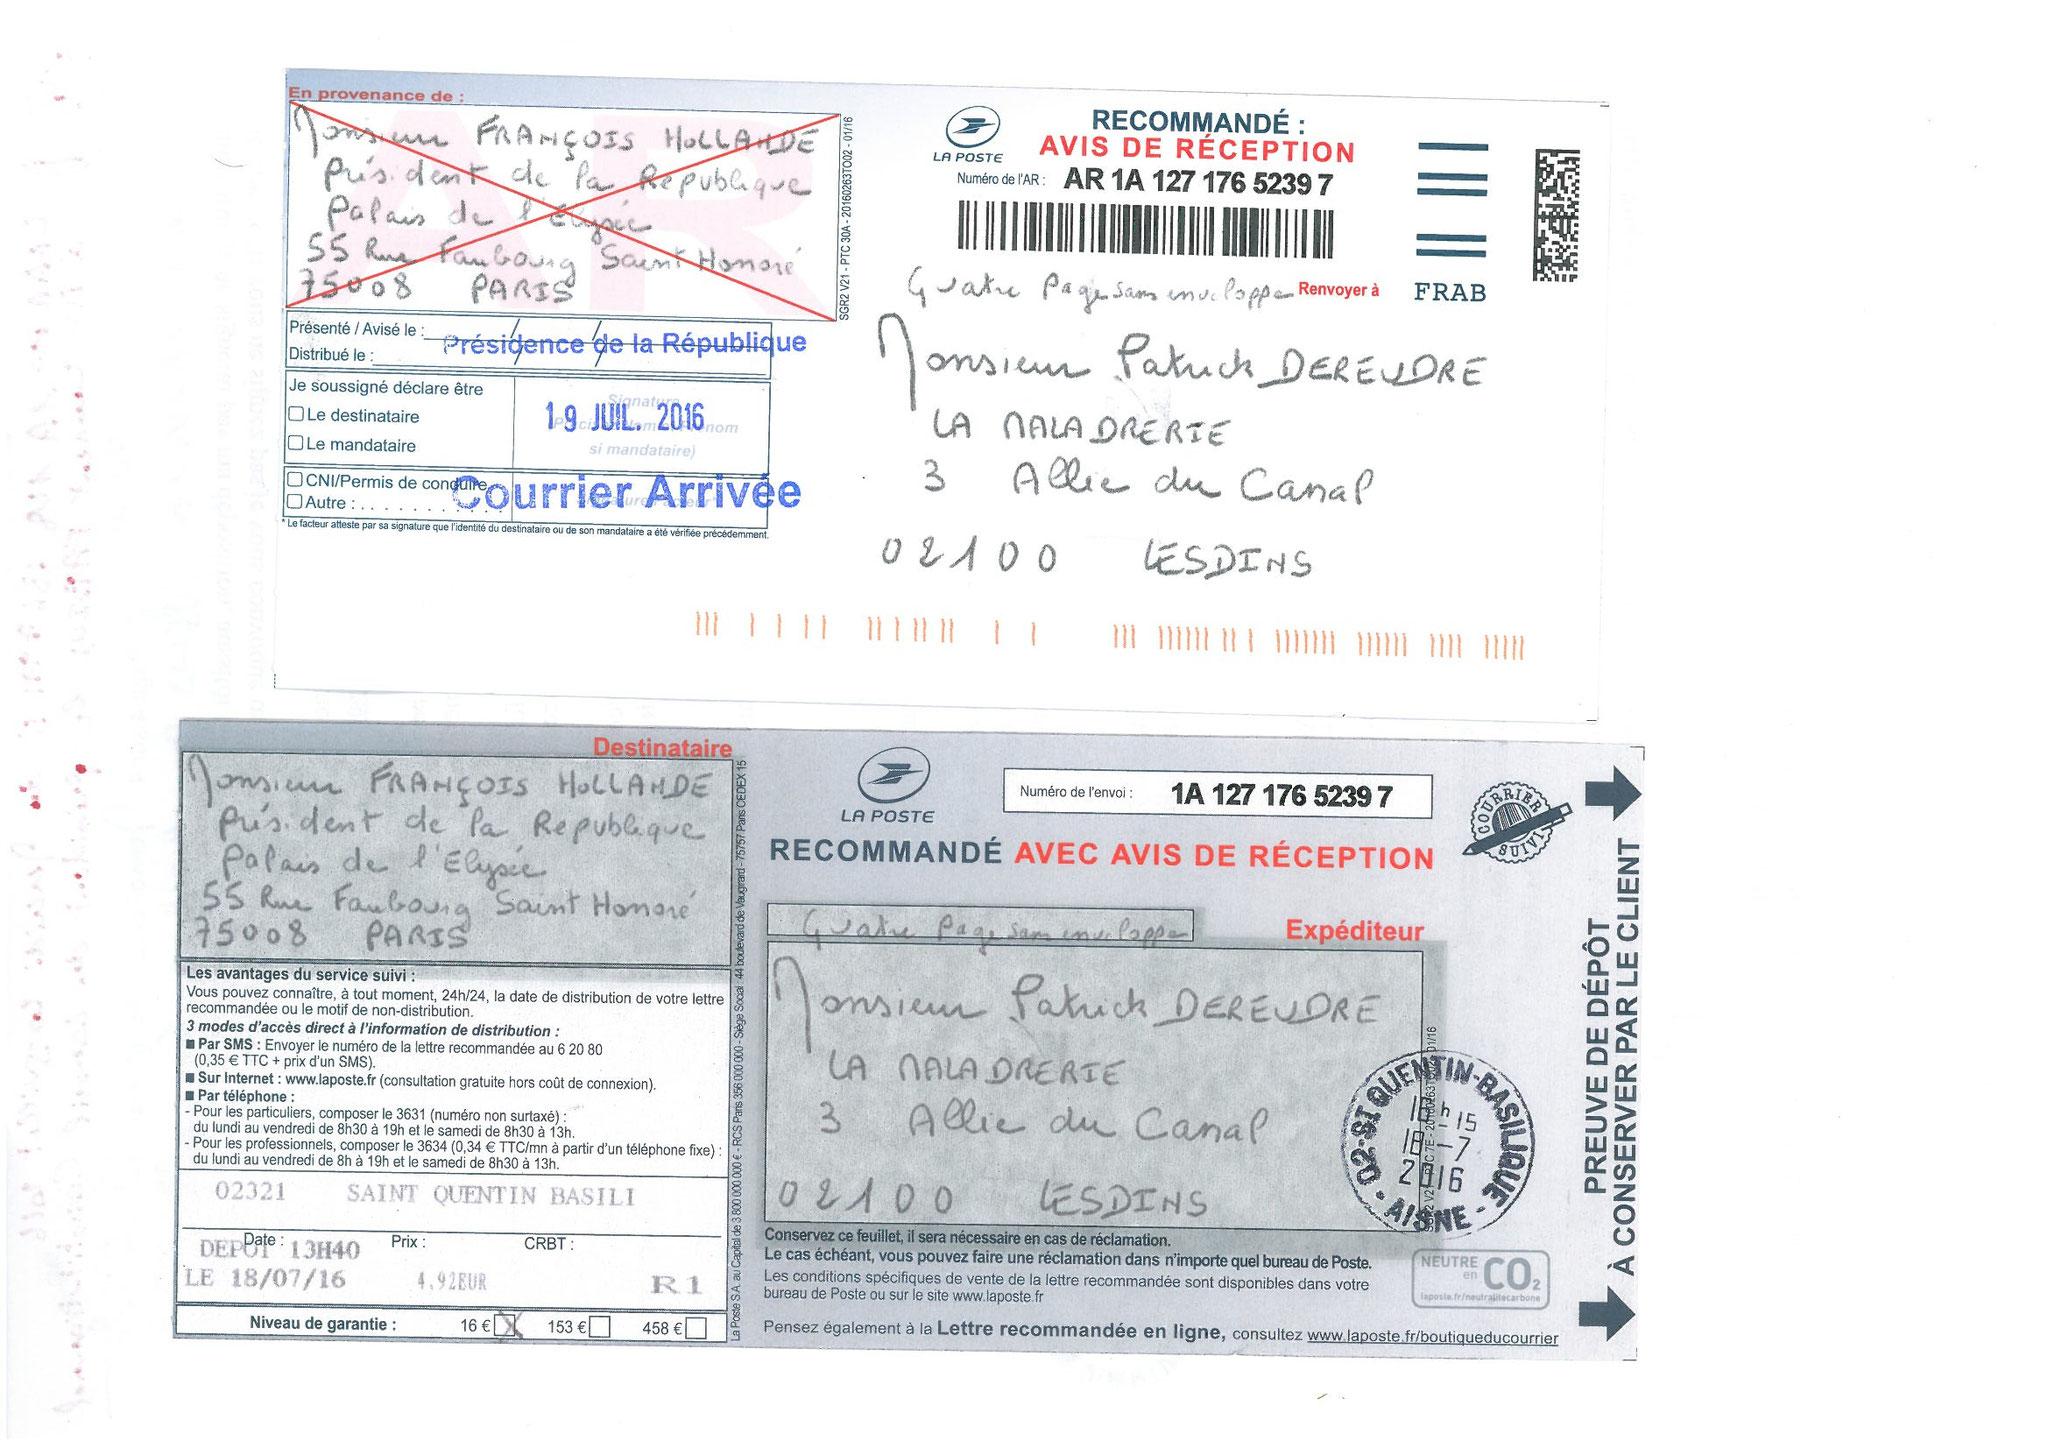 LRAR du 18 Juillet 2016 N°1A 127 176 5239 7  à Monsieur le Président de la République François HOLLANDE